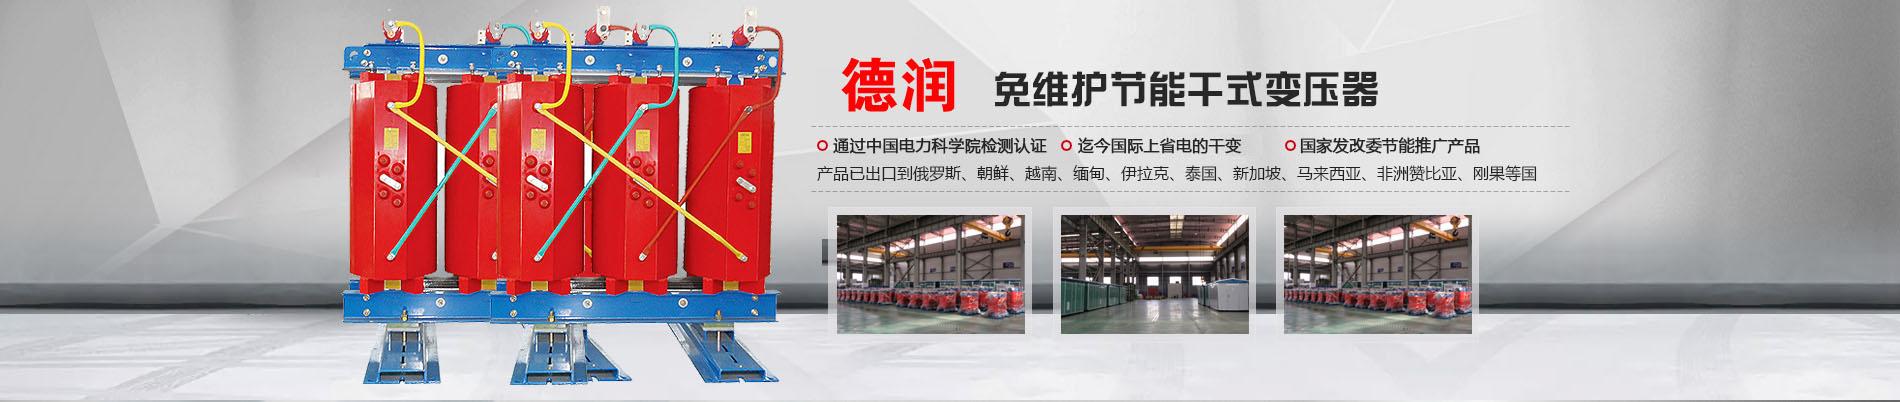 威海干式变压器厂家